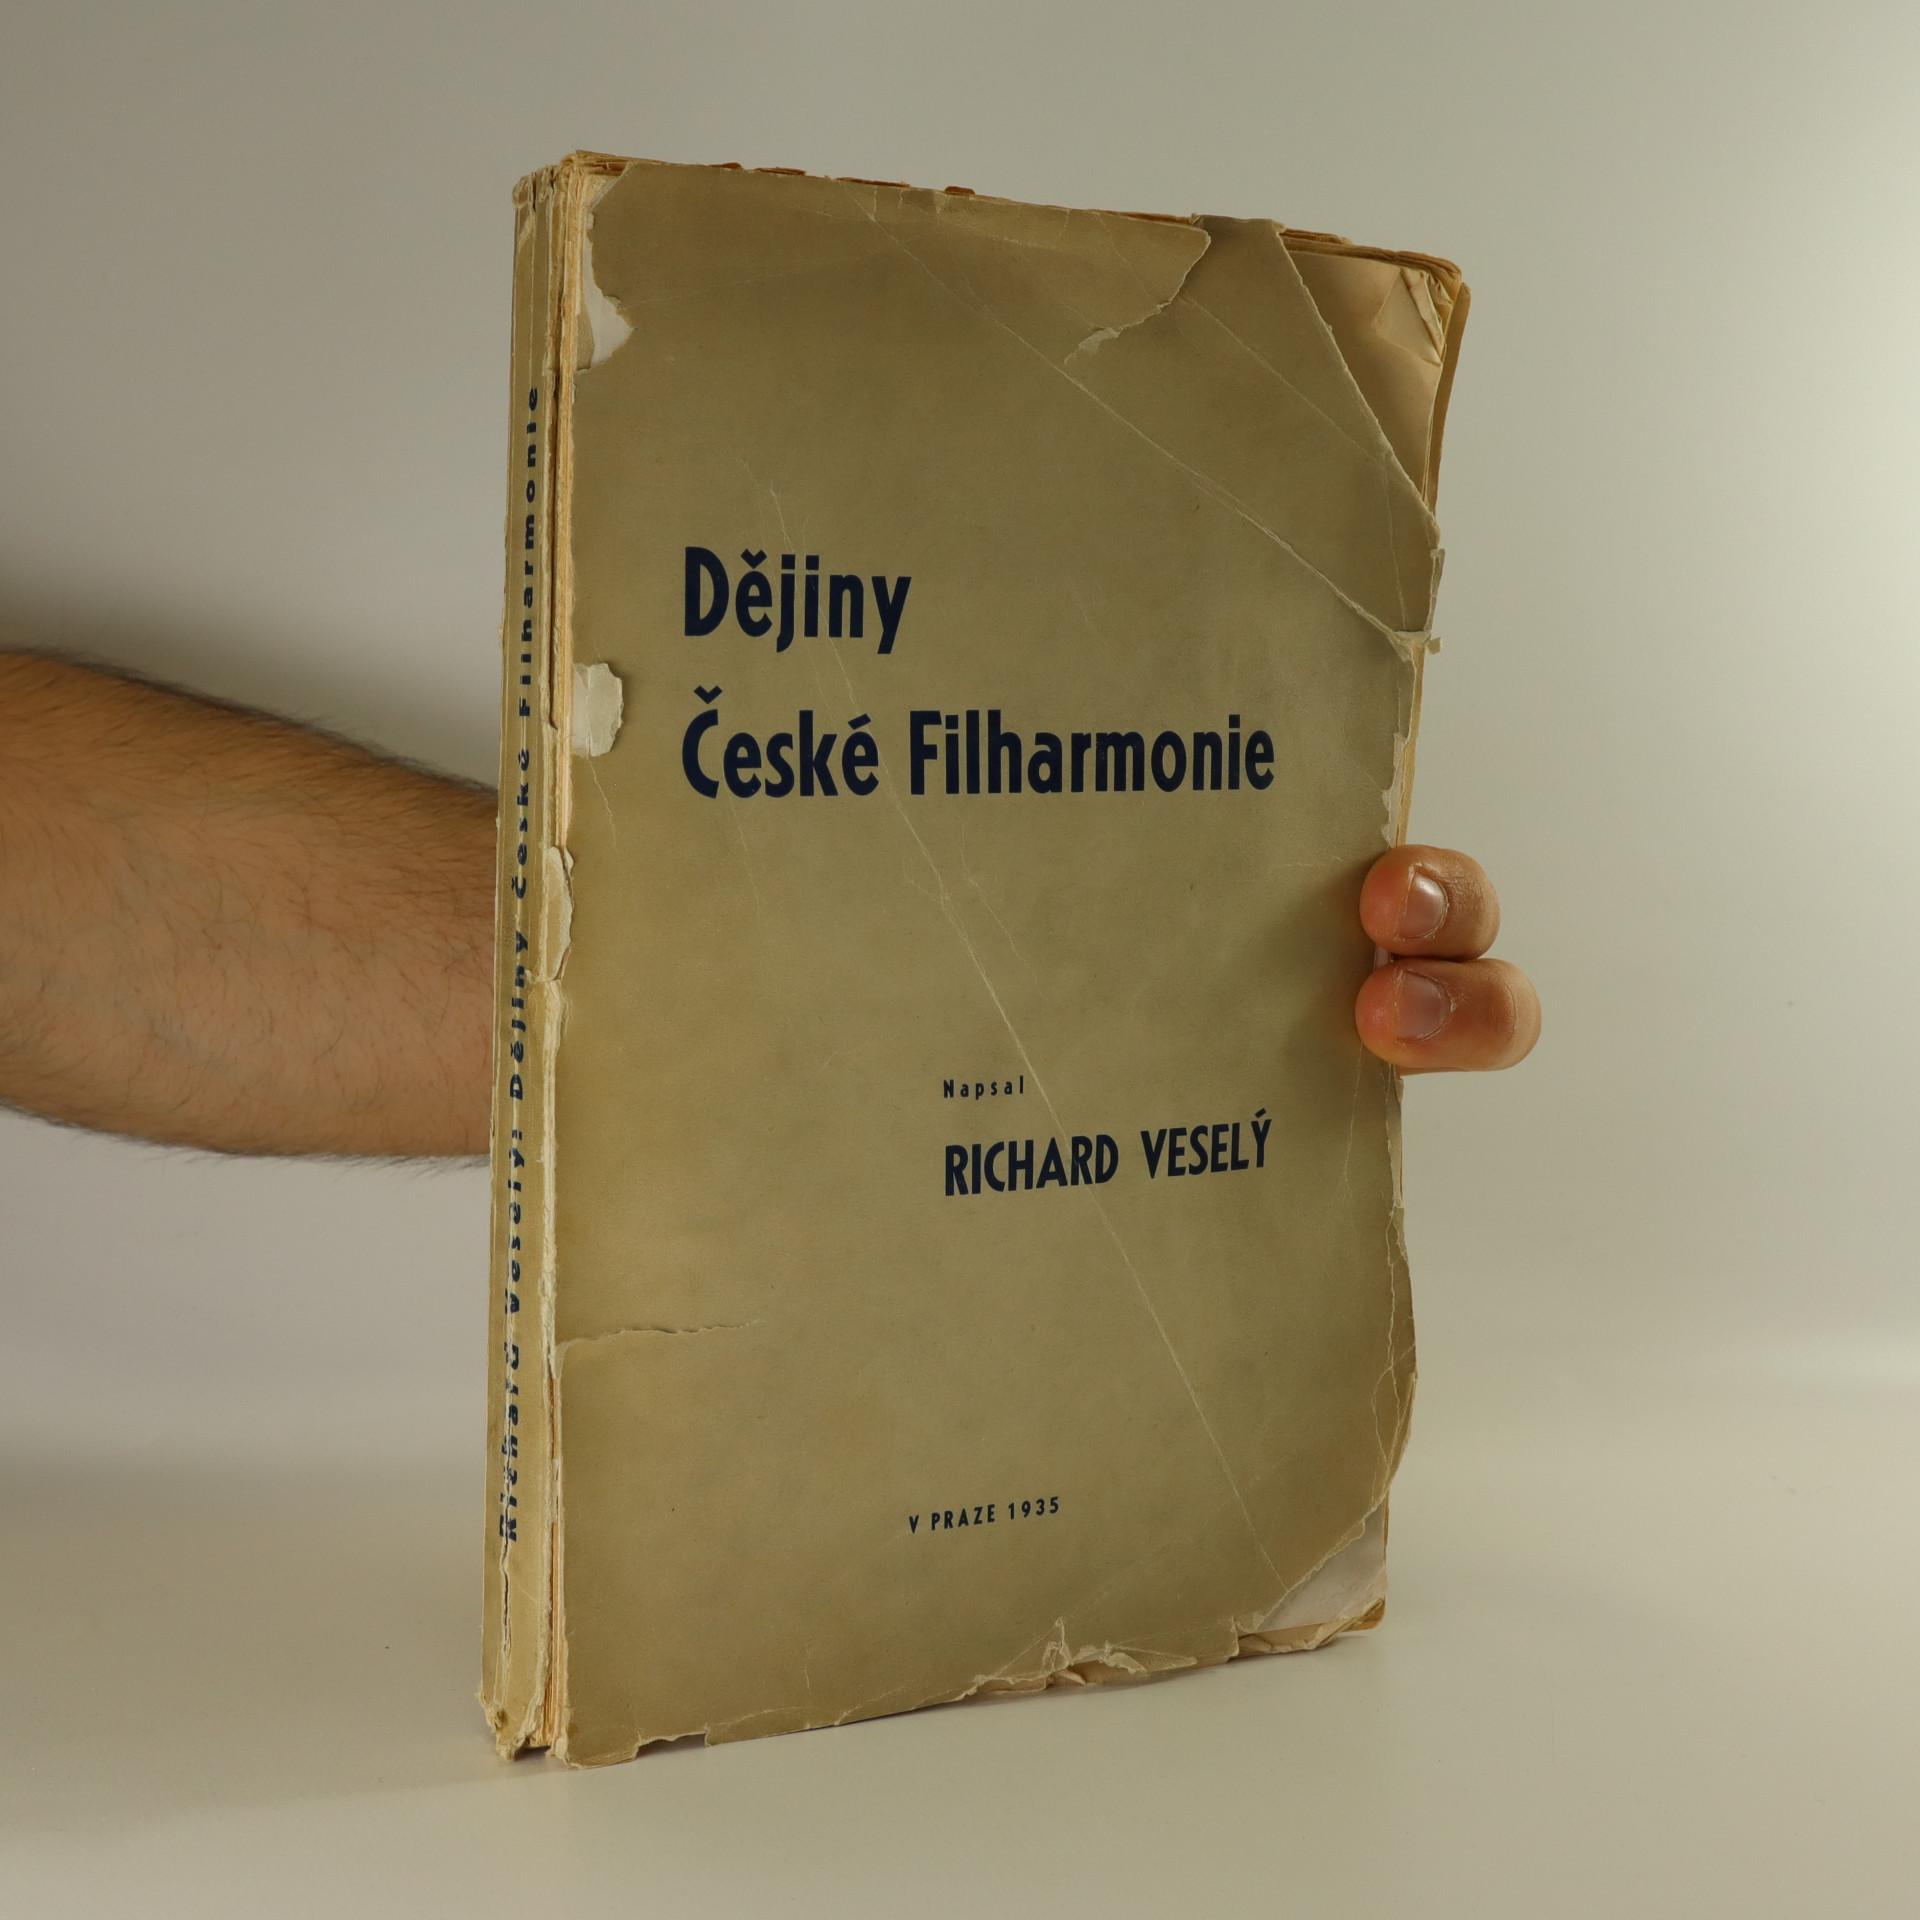 antikvární kniha Dějiny České Filharmonie, 1935